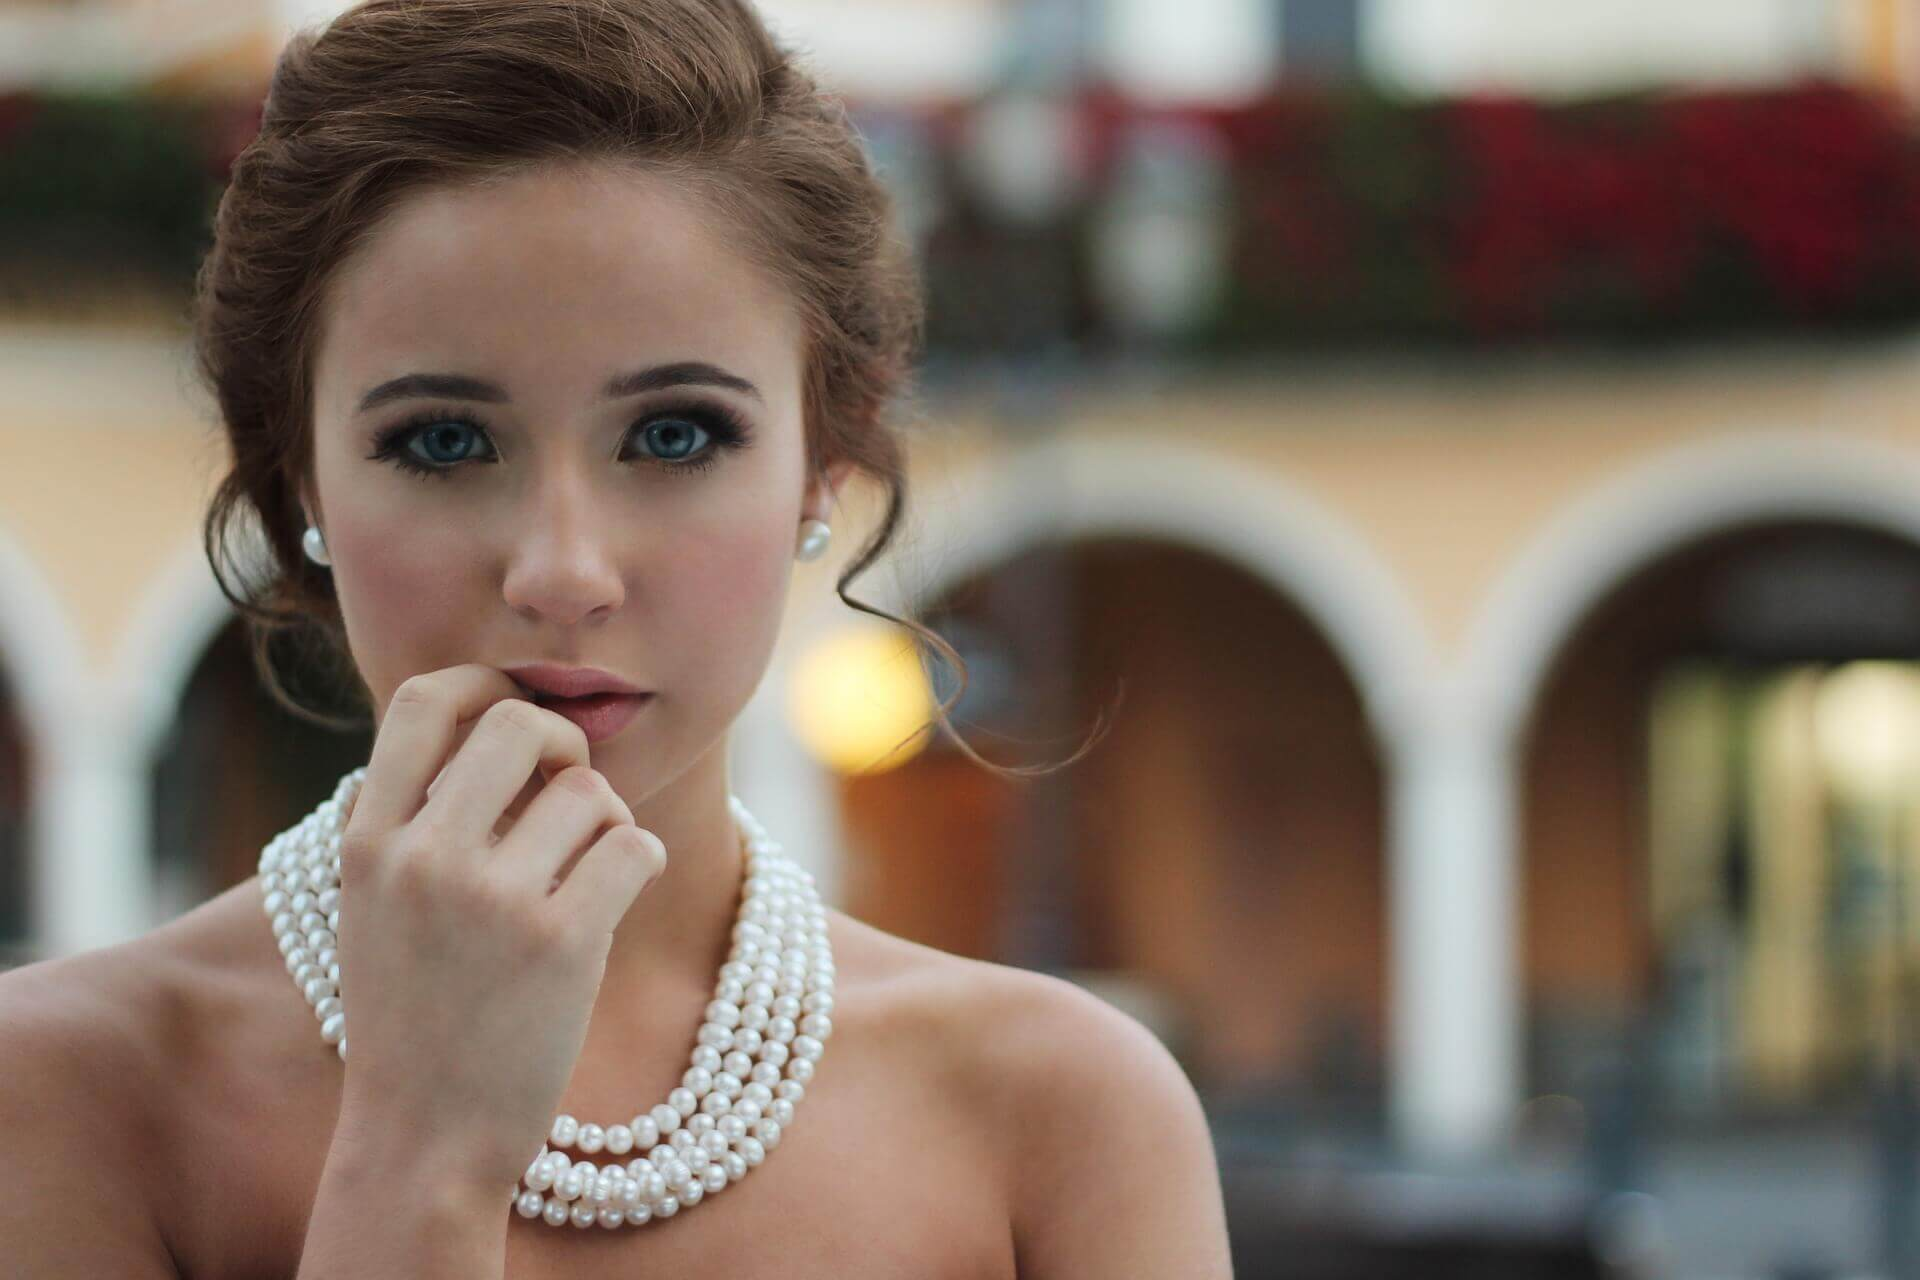 Biżuteria - jak nosić?